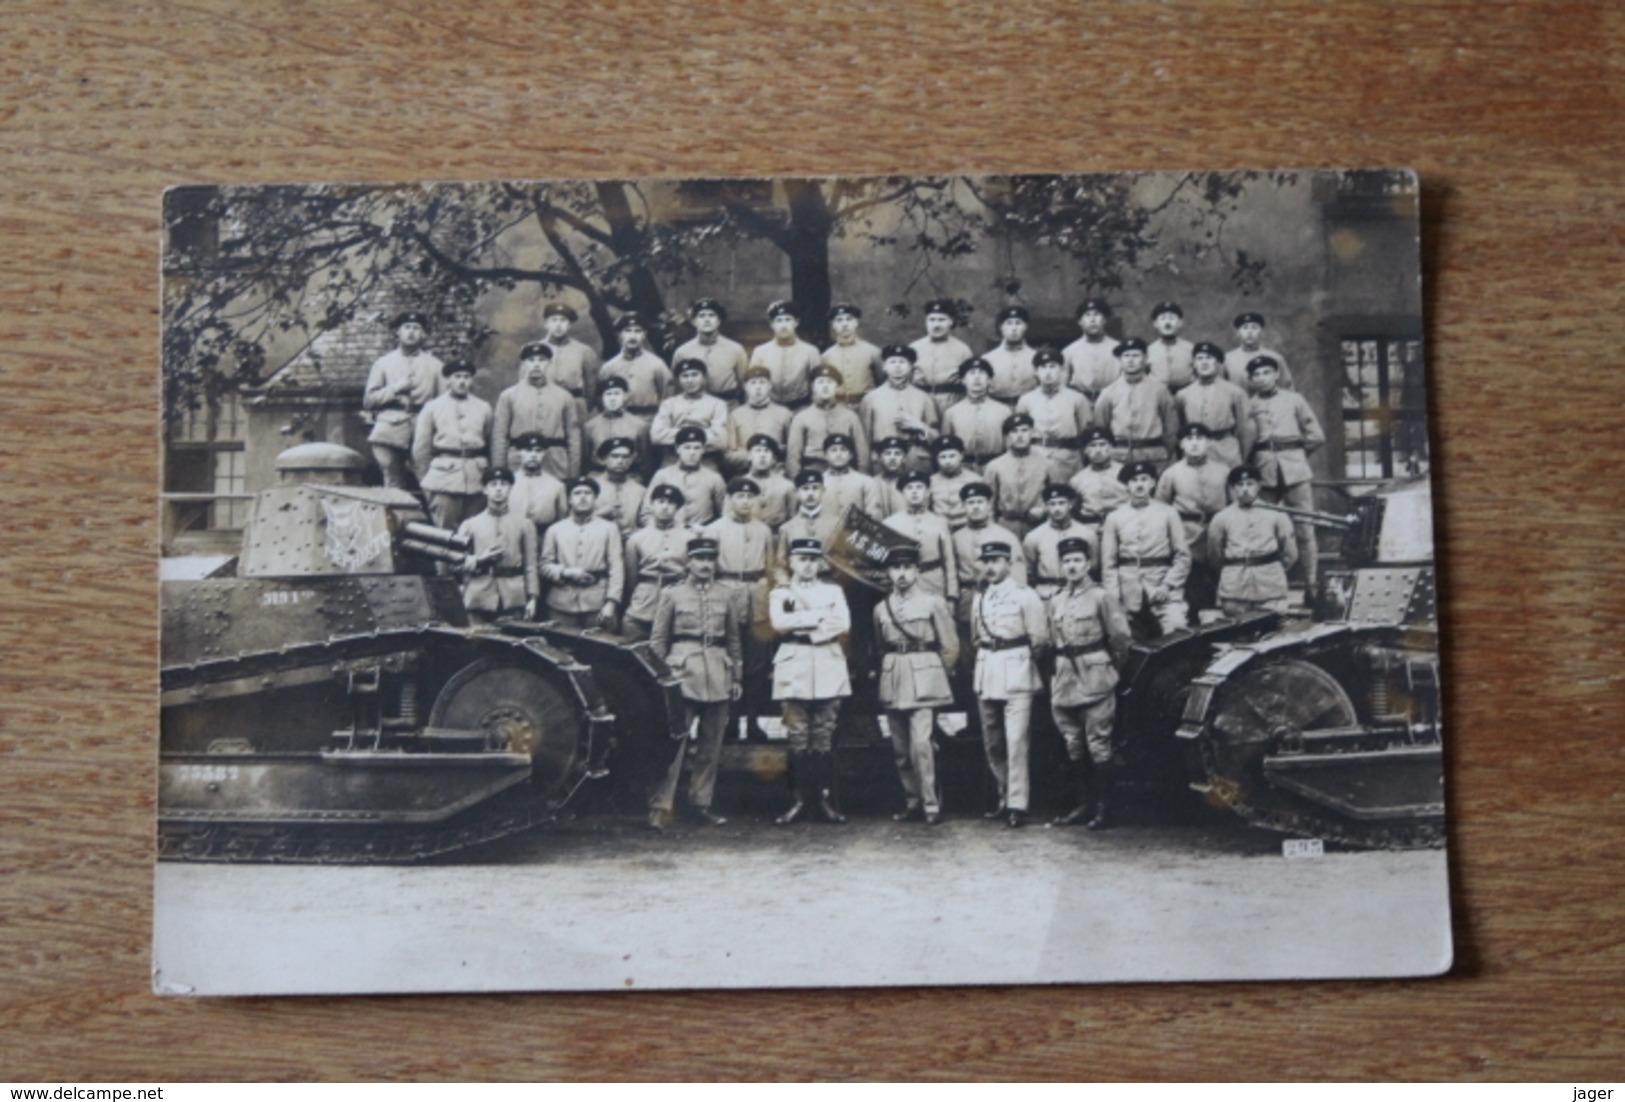 Carte Photo Regiment De Char De Combat 519 RCC   Avec Fanion AS 361 2 Eme Section Et 2 FT 17 - Fotos